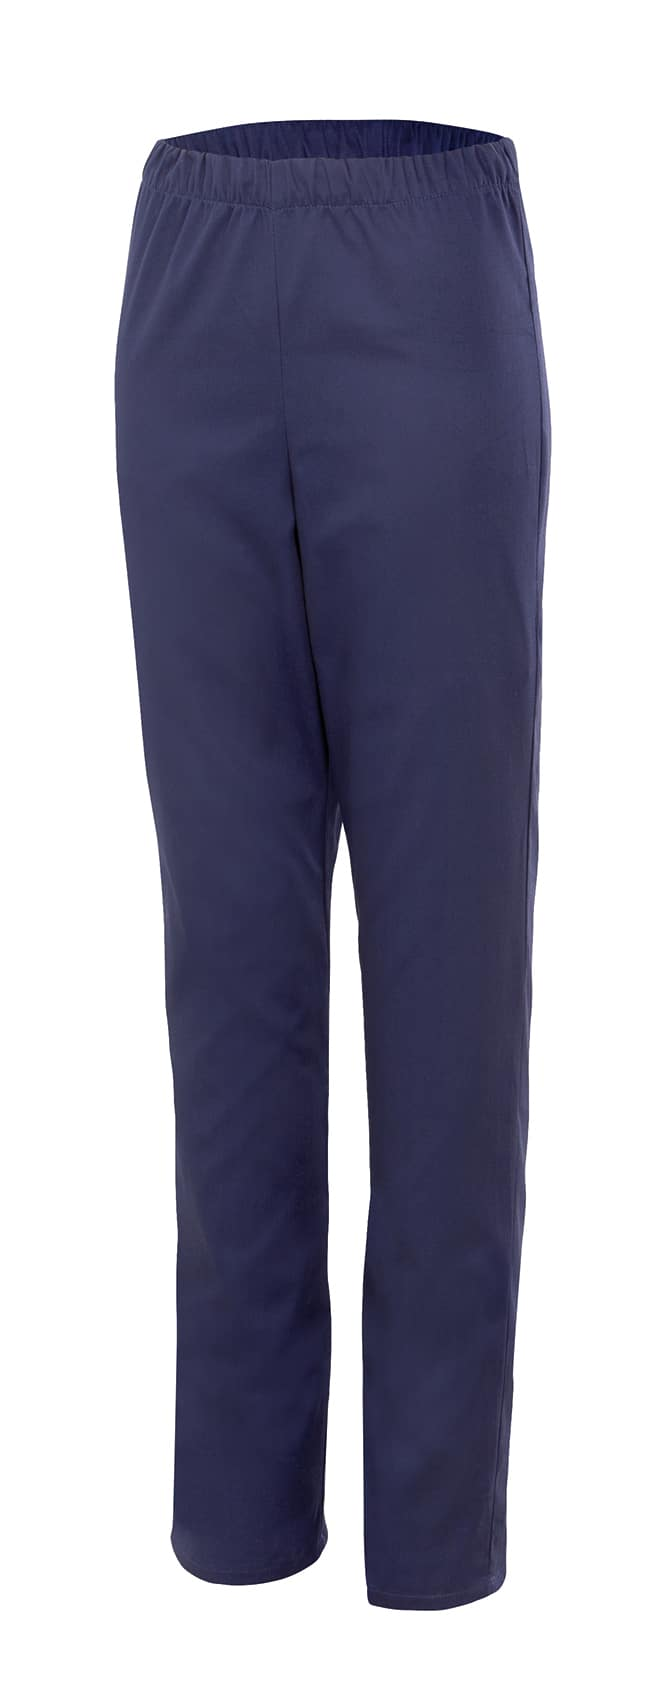 Velilla 333 PantalÓn Pijama Azul Marino